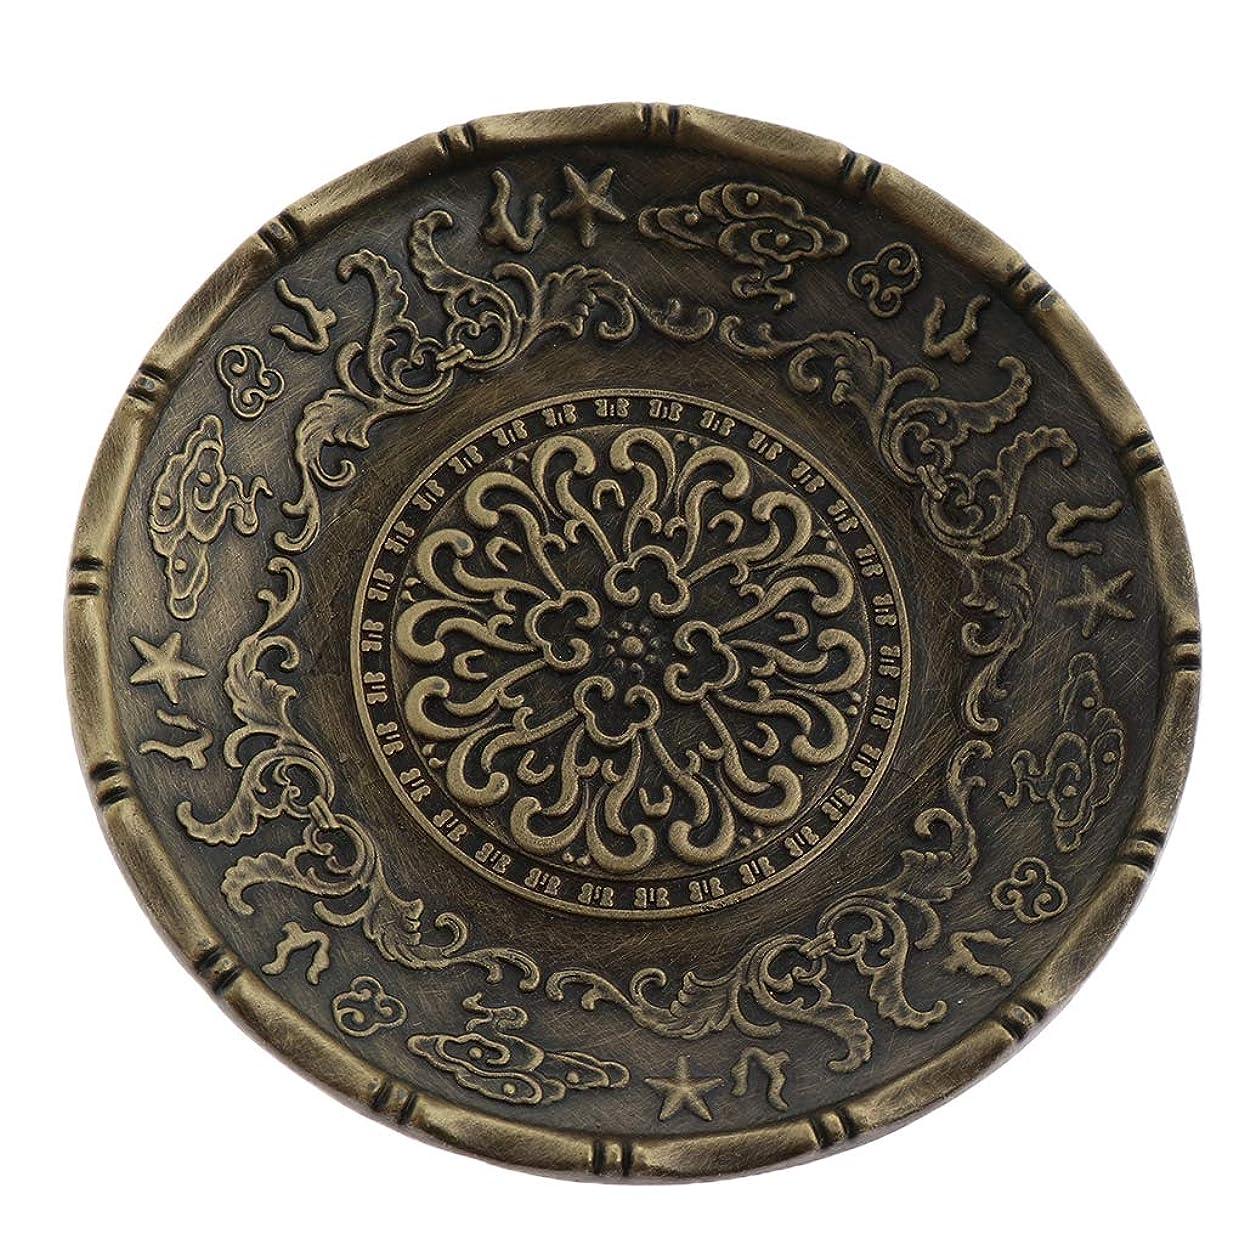 マークされた厳こしょうティーカップ コースター 小皿 円形 合金 中国茶道 全3色 - ブロンズ